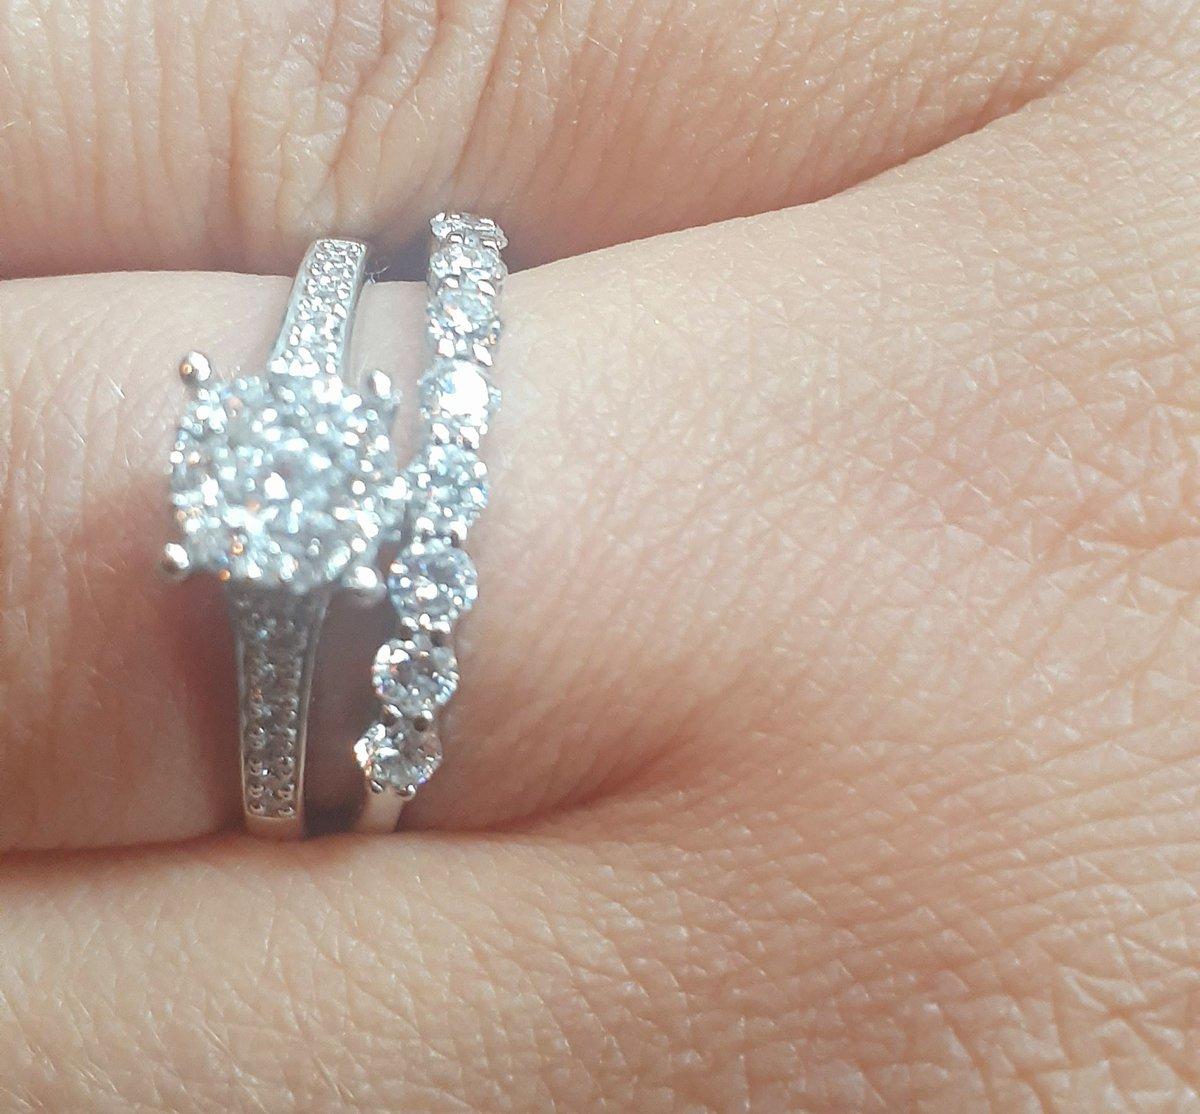 Очень красивое кольцо! лучший вариант ) шикарно выглядит на руке. супер!!!!